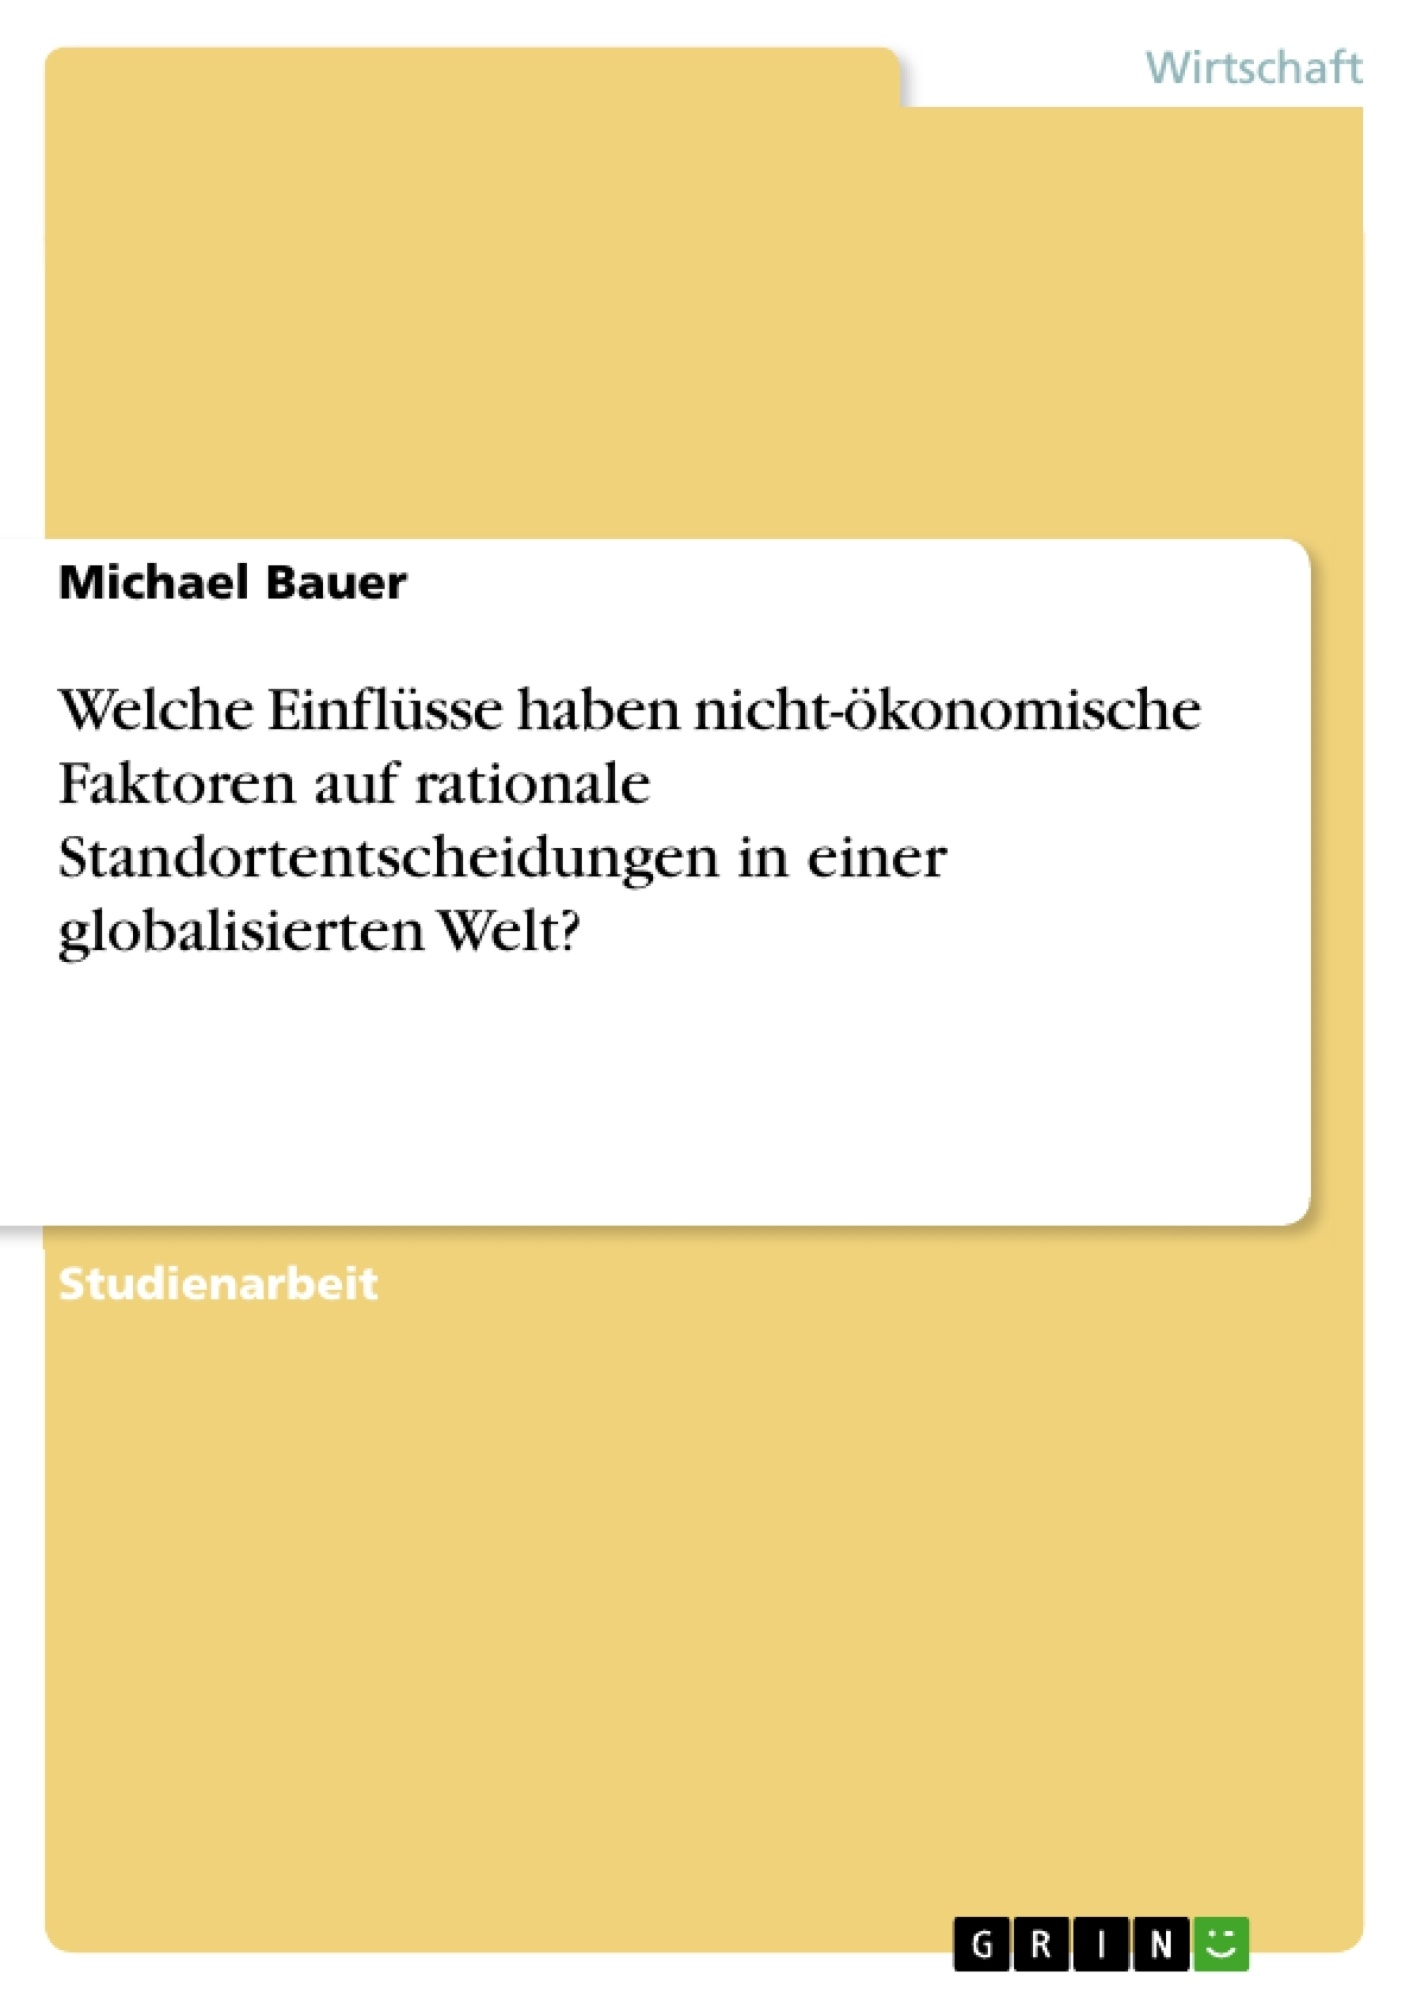 Titel: Welche Einflüsse haben nicht-ökonomische Faktoren auf rationale Standortentscheidungen in einer globalisierten Welt?